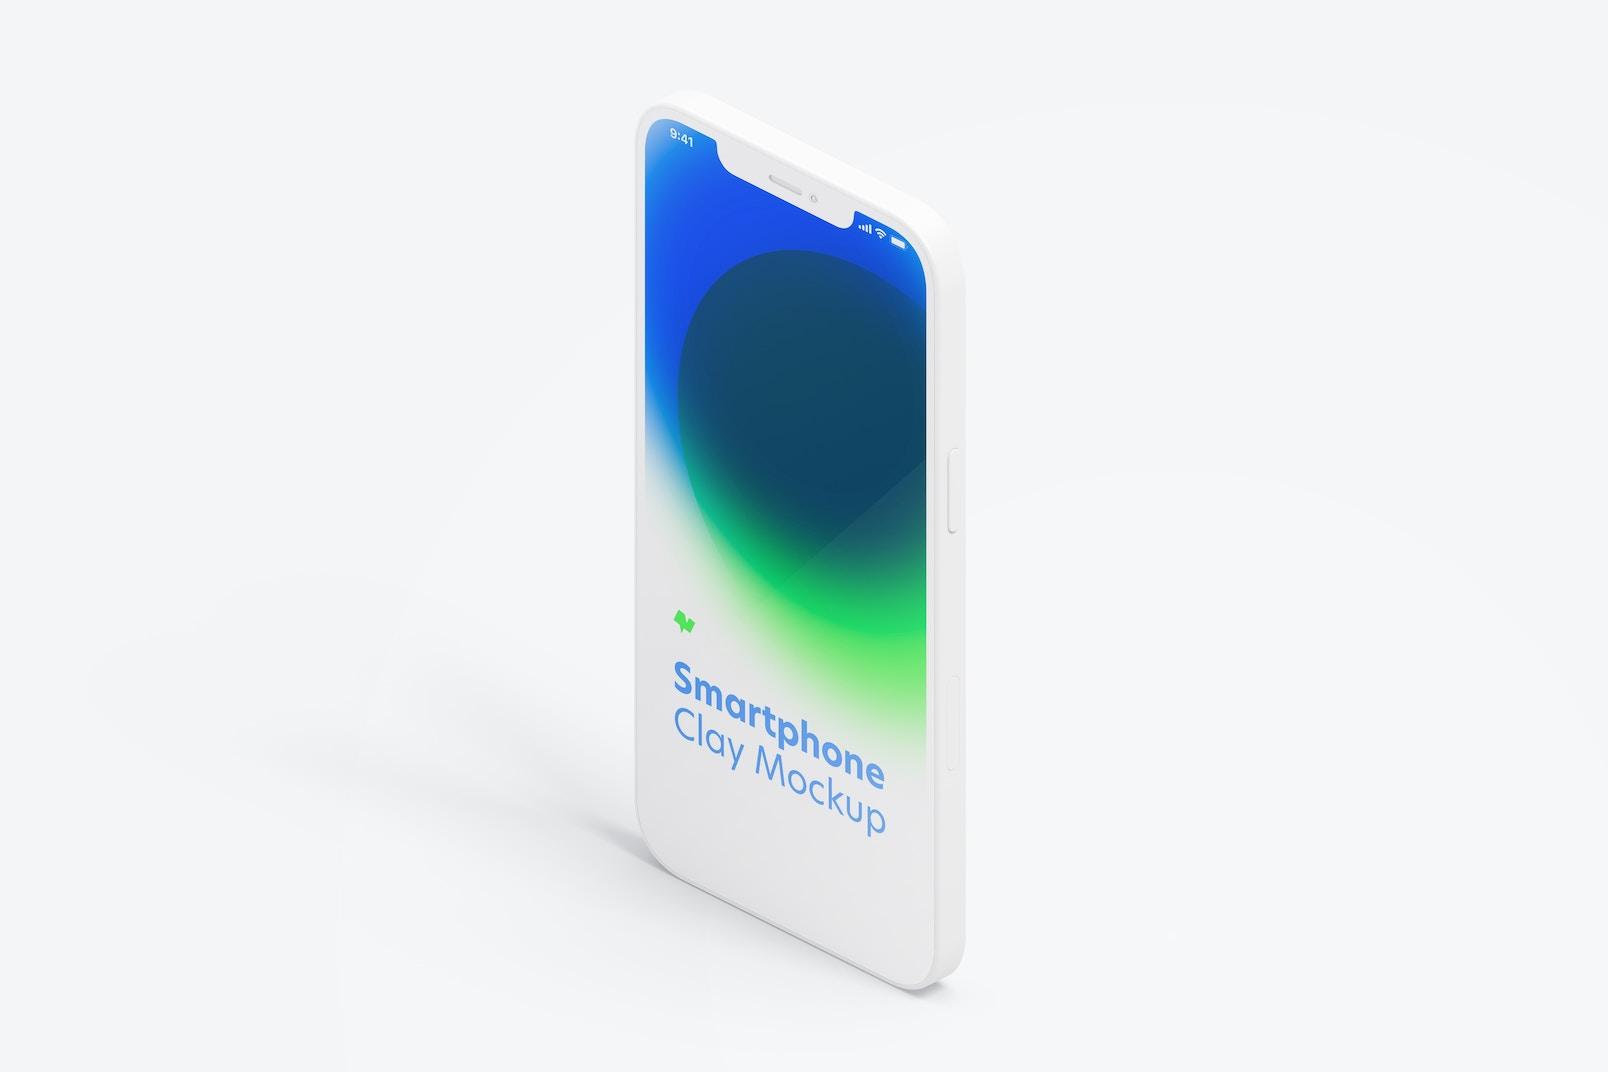 Maqueta de iPhone 12 Isométrico Multicolor, Vista Izquierda Vertical